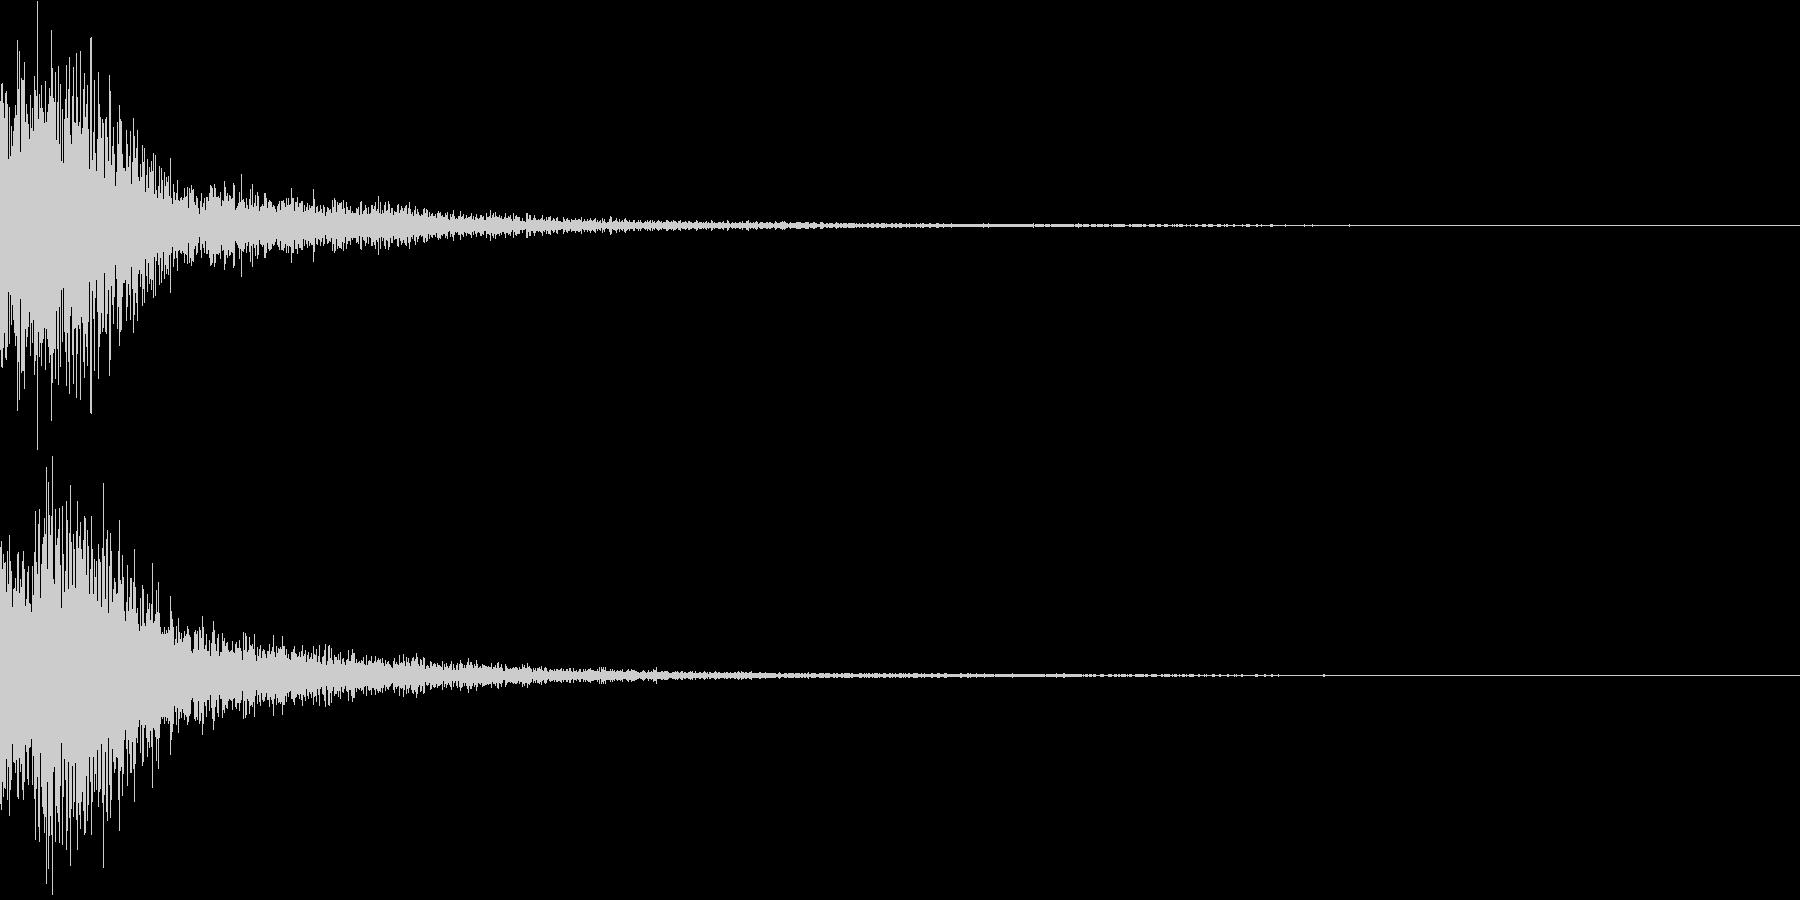 ジャン(ポップなオーケストラヒット高め)の未再生の波形